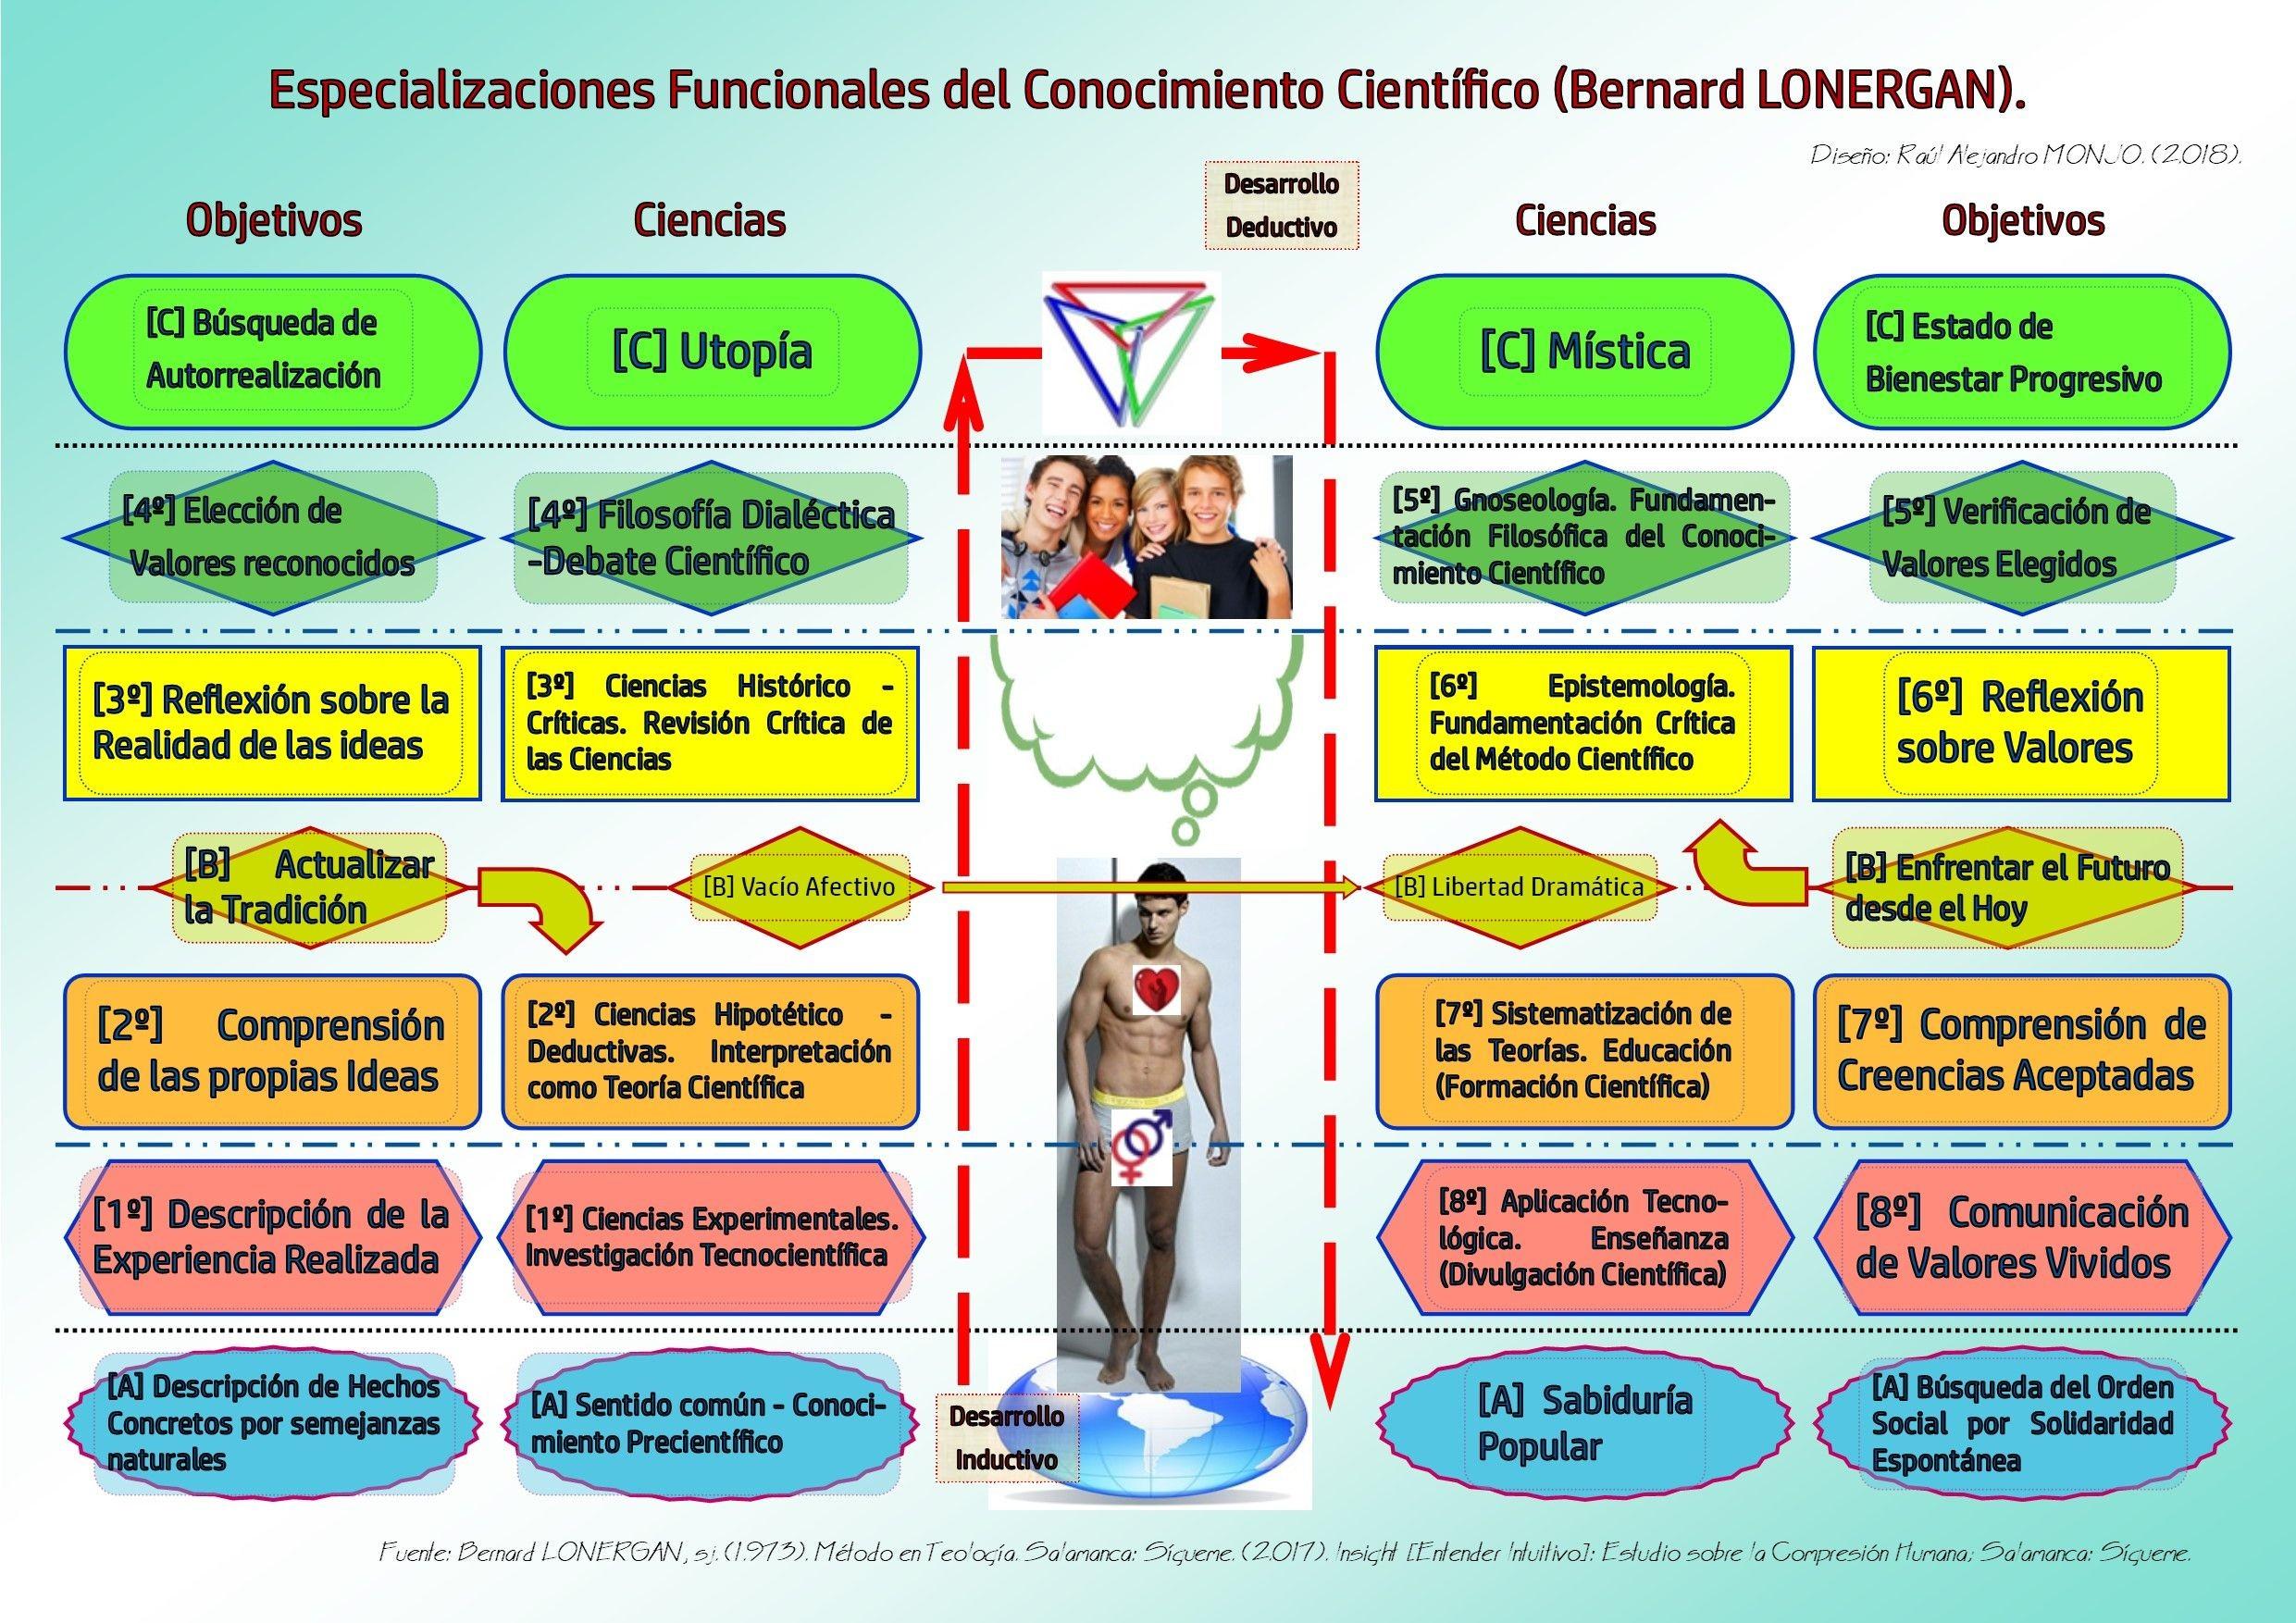 06 Especializaciones Funcionales del Conocimiento Cientfico Bernard LONERGAN